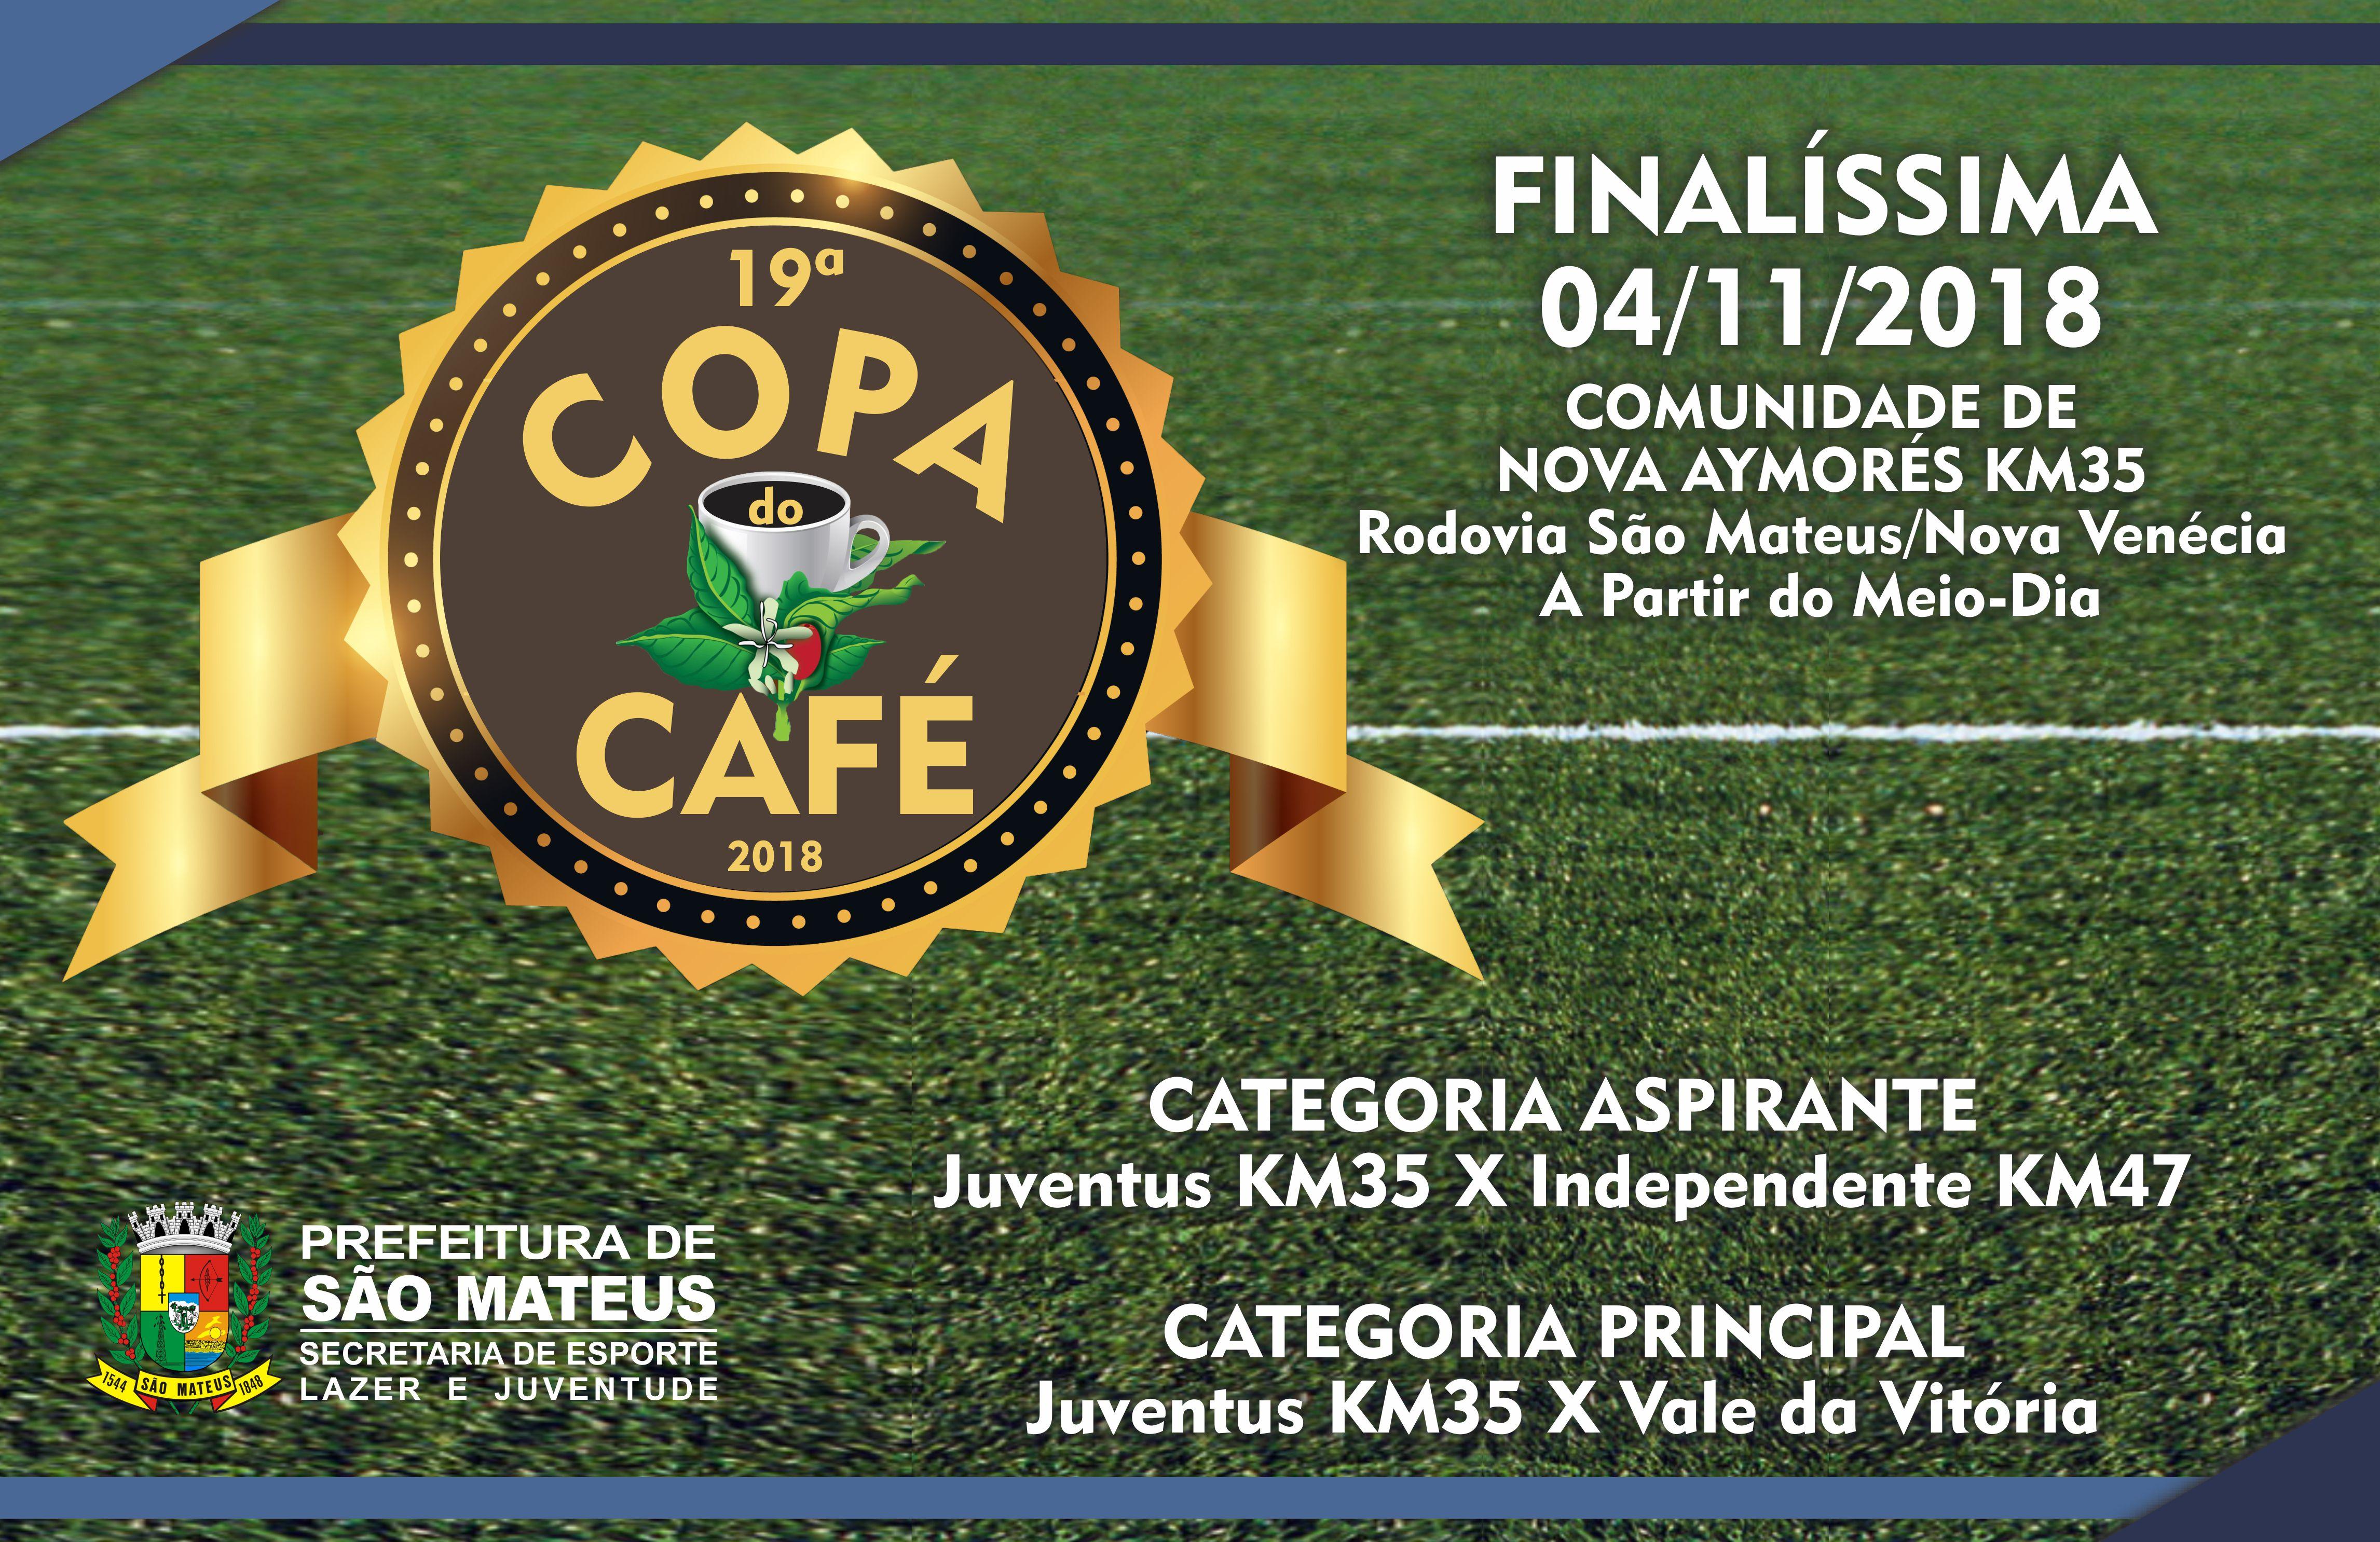 Final da Copa do Café ocorre em Novembro